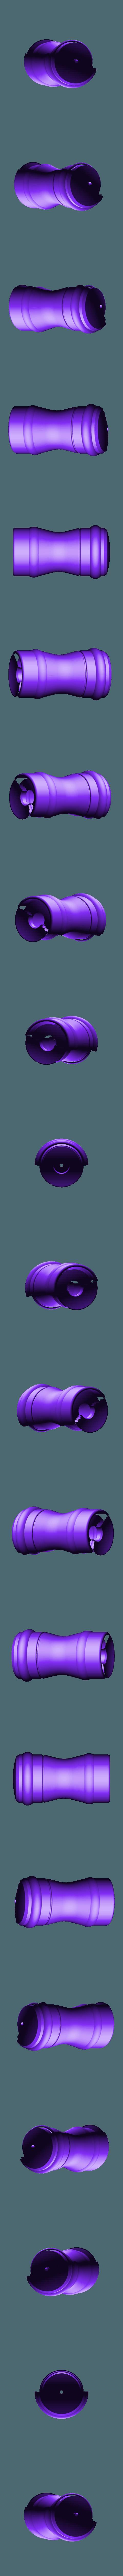 poivrier.stl Download STL file Salt and pepper 3dgregor • 3D printer object, 3dgregor